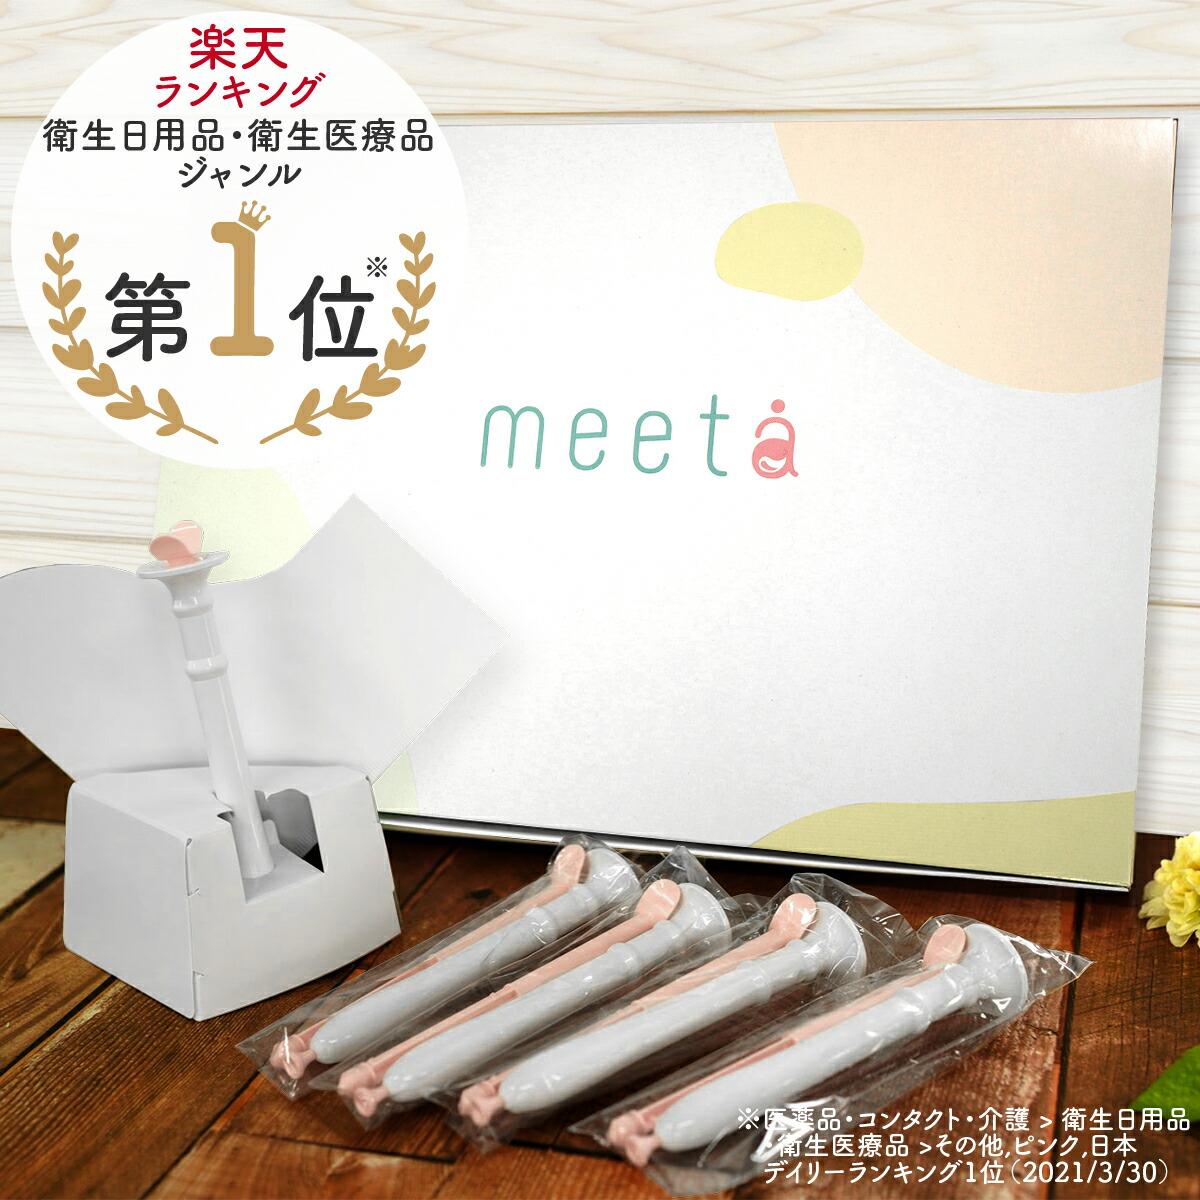 楽天ランキング衛生日用品・衛生医療品ジャンル1位シリンジ法キットmeeta(ミータ)